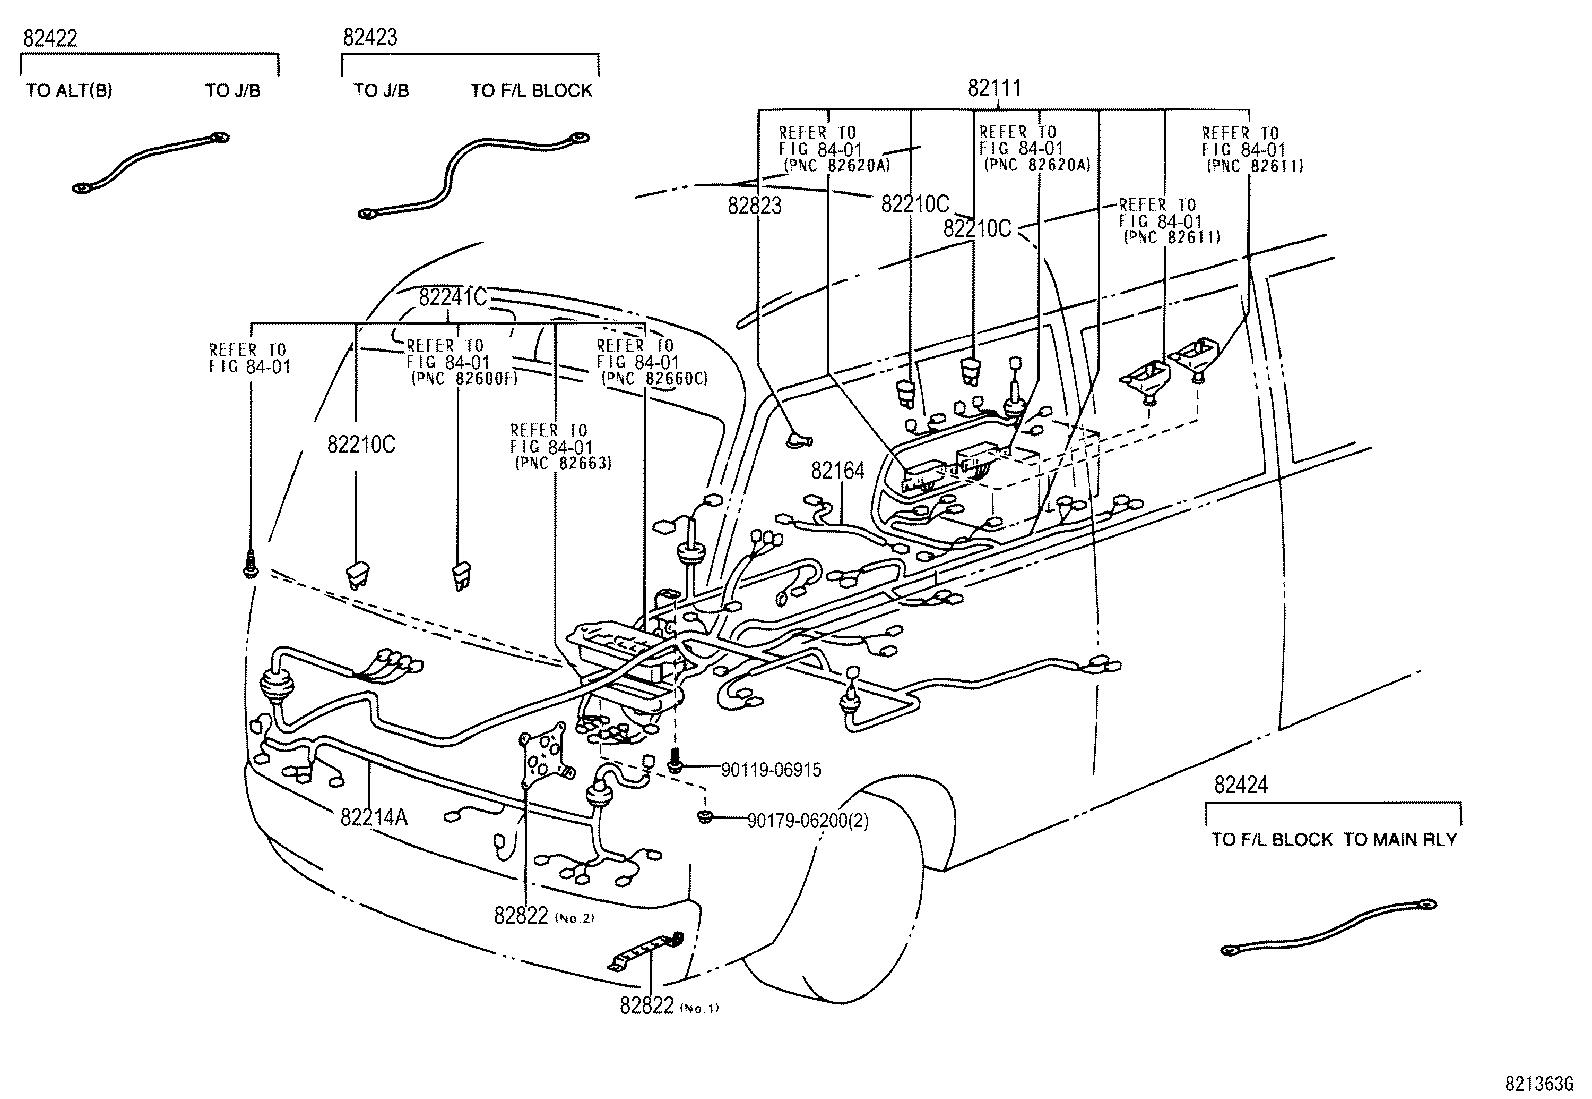 Wiring Diagram Toyota Bb. Wiring. Electrical Wiring Diagram